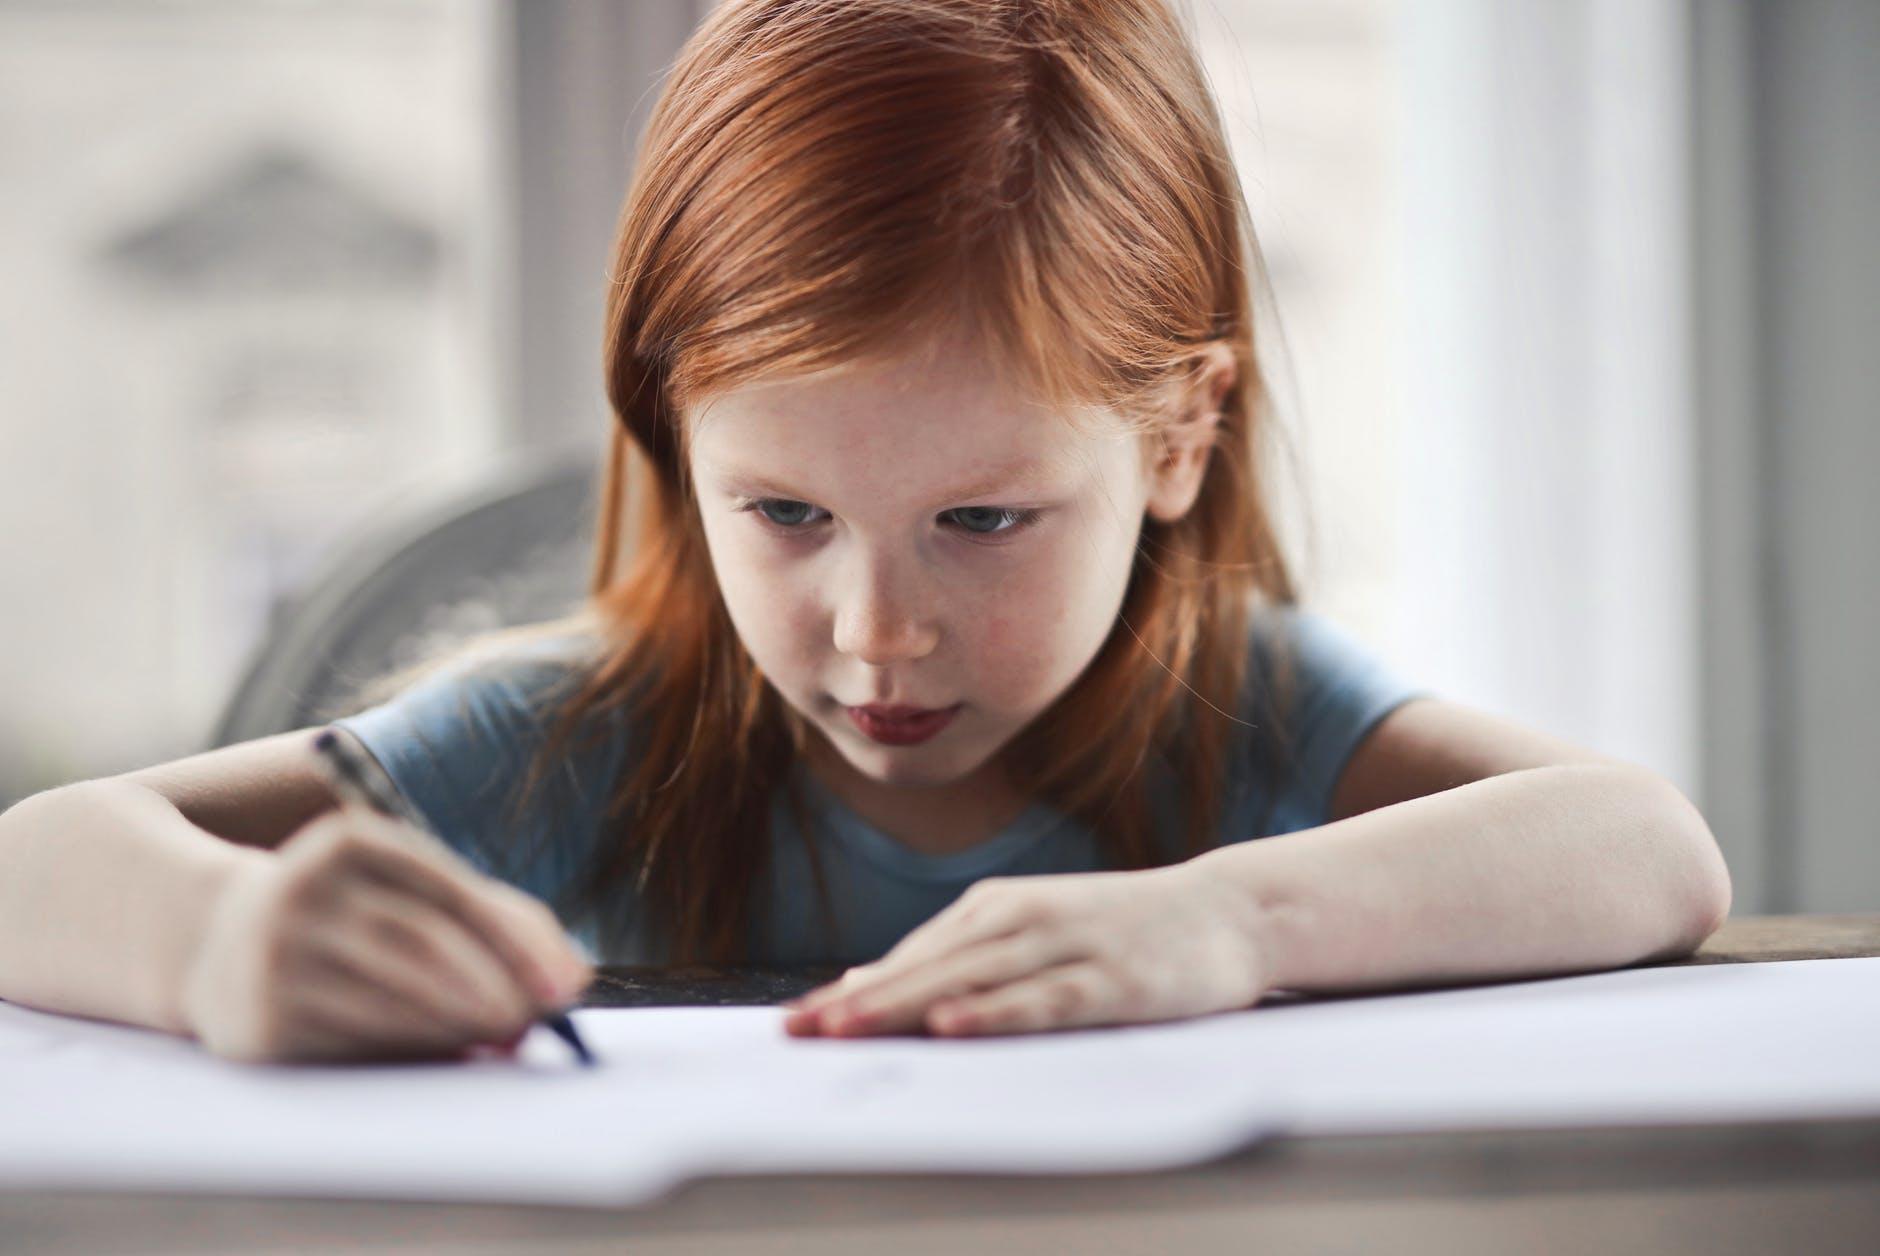 การเรียนให้ได้เกรดเฉลี่ยที่ดีทำได้ง่ายถ้าเราตั้งใจ